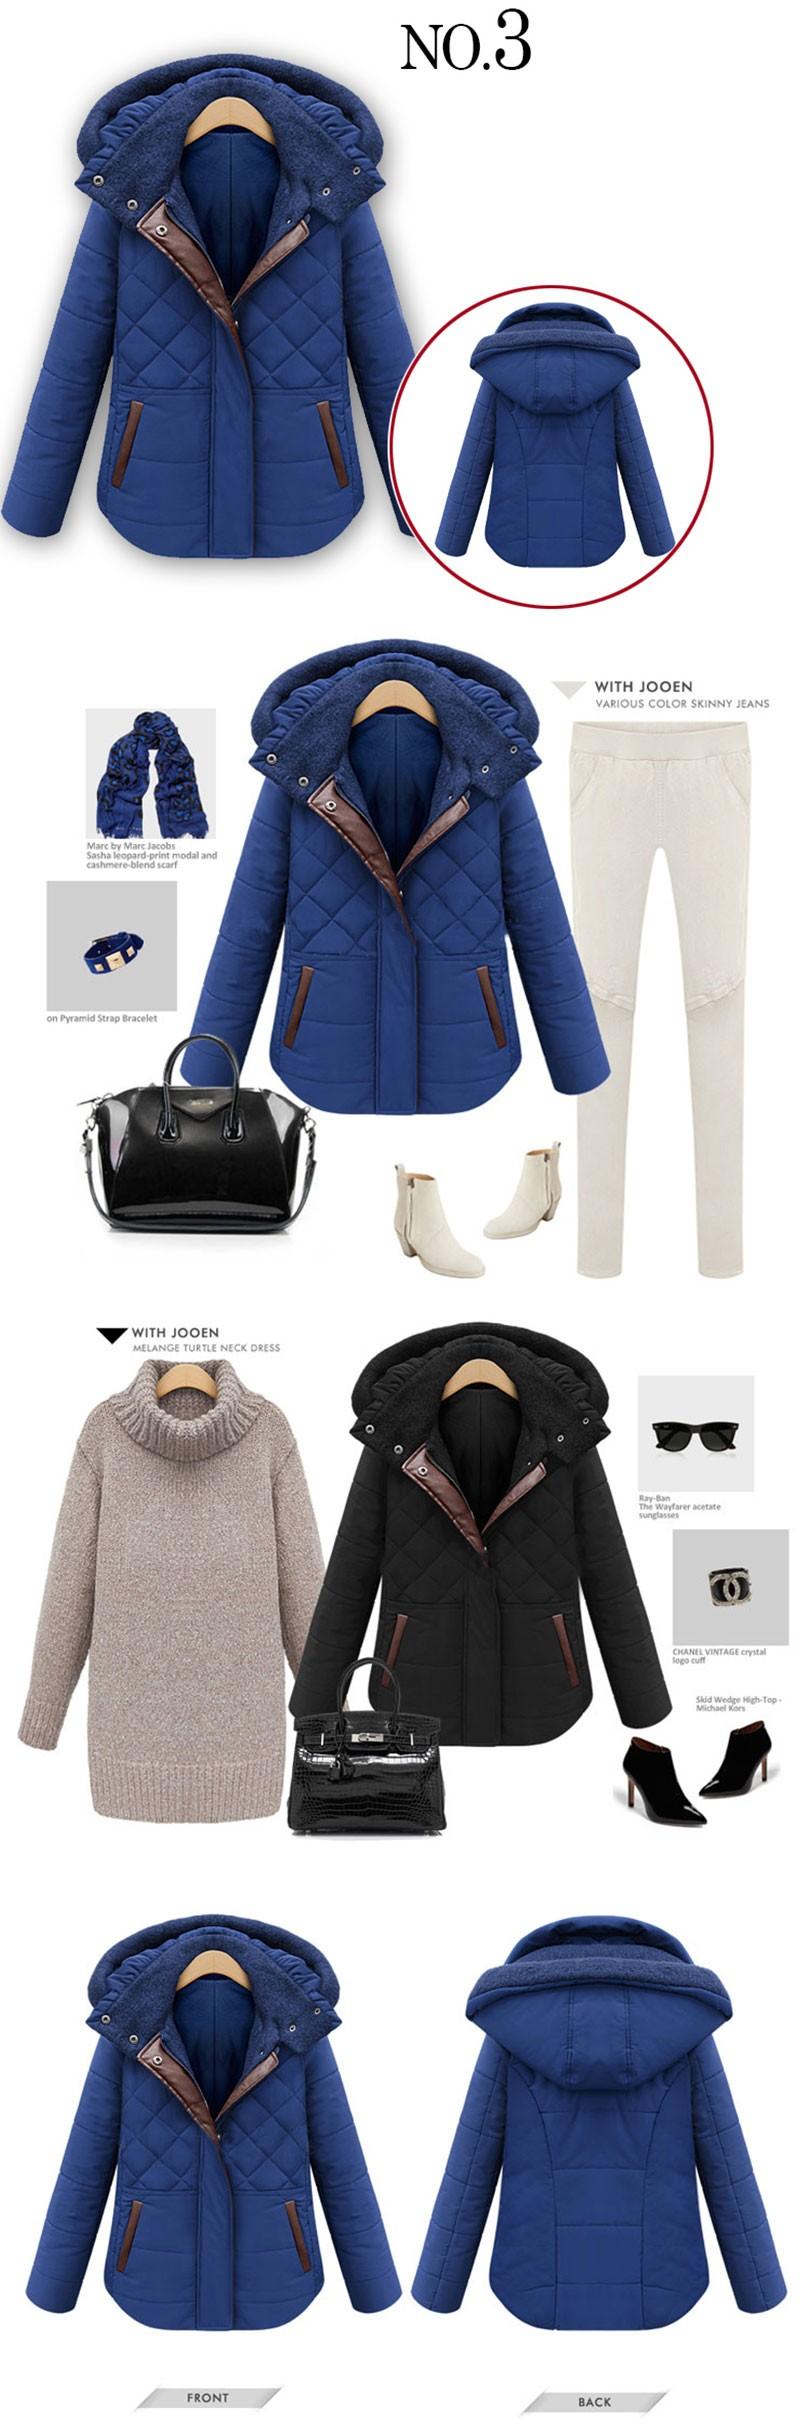 Скидки на Утолщение Плюс Хлопок Женщины Зима Пуховик С Капюшоном Плюс Размер в Долгосрочной Разделе 2016 Новая Мода Fit Зимы Женщин пальто